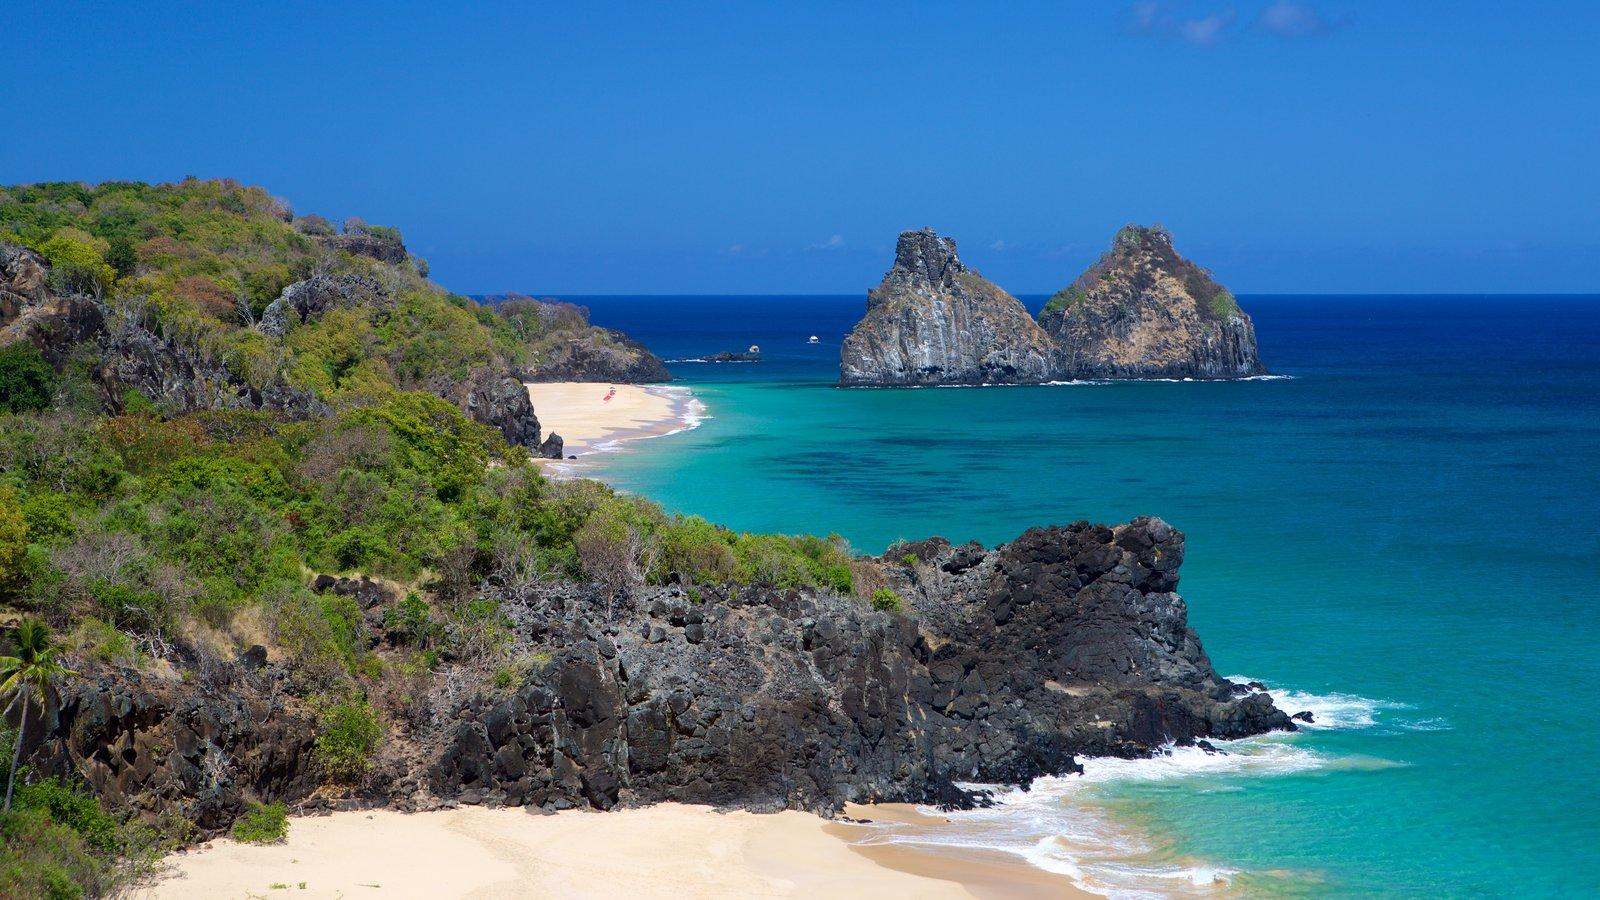 Morro Dois Irmãos mostrando imagens da ilha, uma praia e litoral rochoso